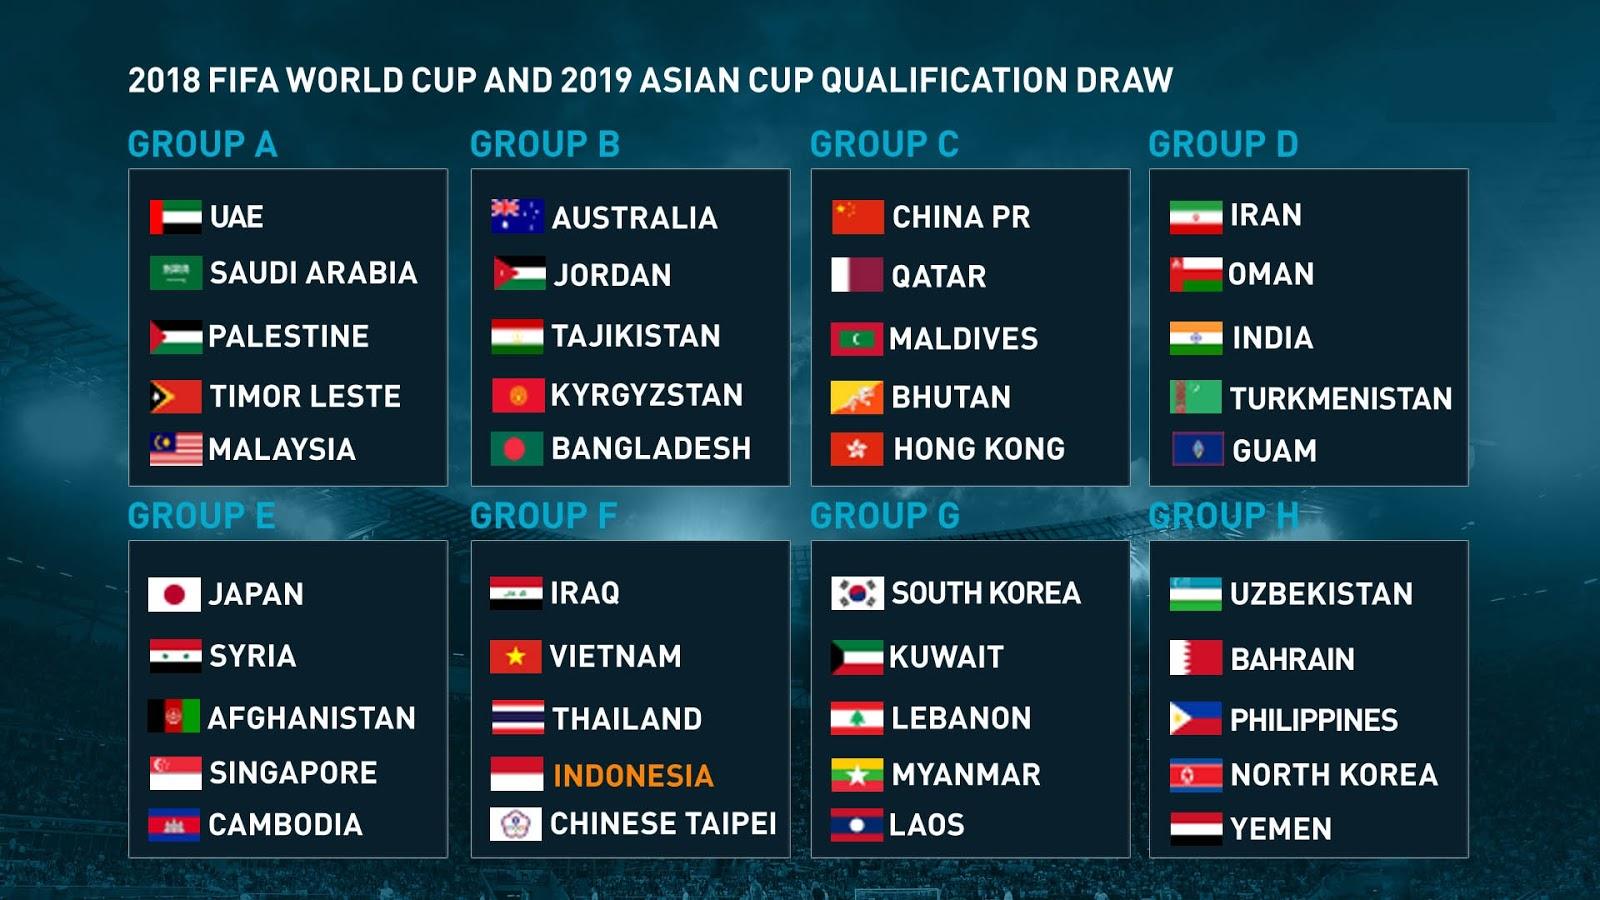 Piala Dunia Jadwal Dan Grup Kualifikasi Piala Dunia 2018 Zona Asia